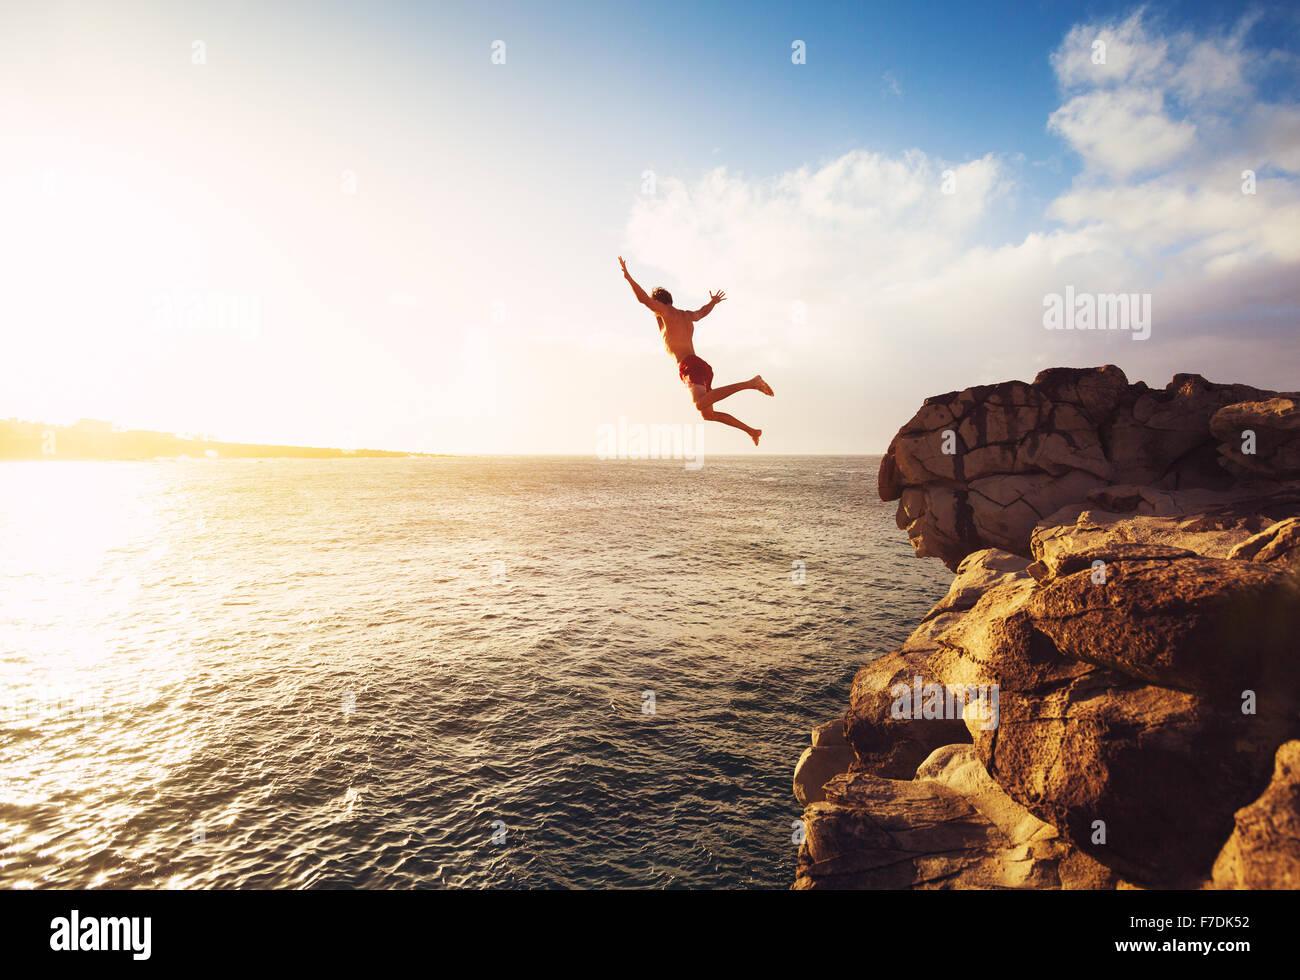 Cliff Jumping nell'oceano al tramonto, Divertimento estivo Lifestyle Immagini Stock